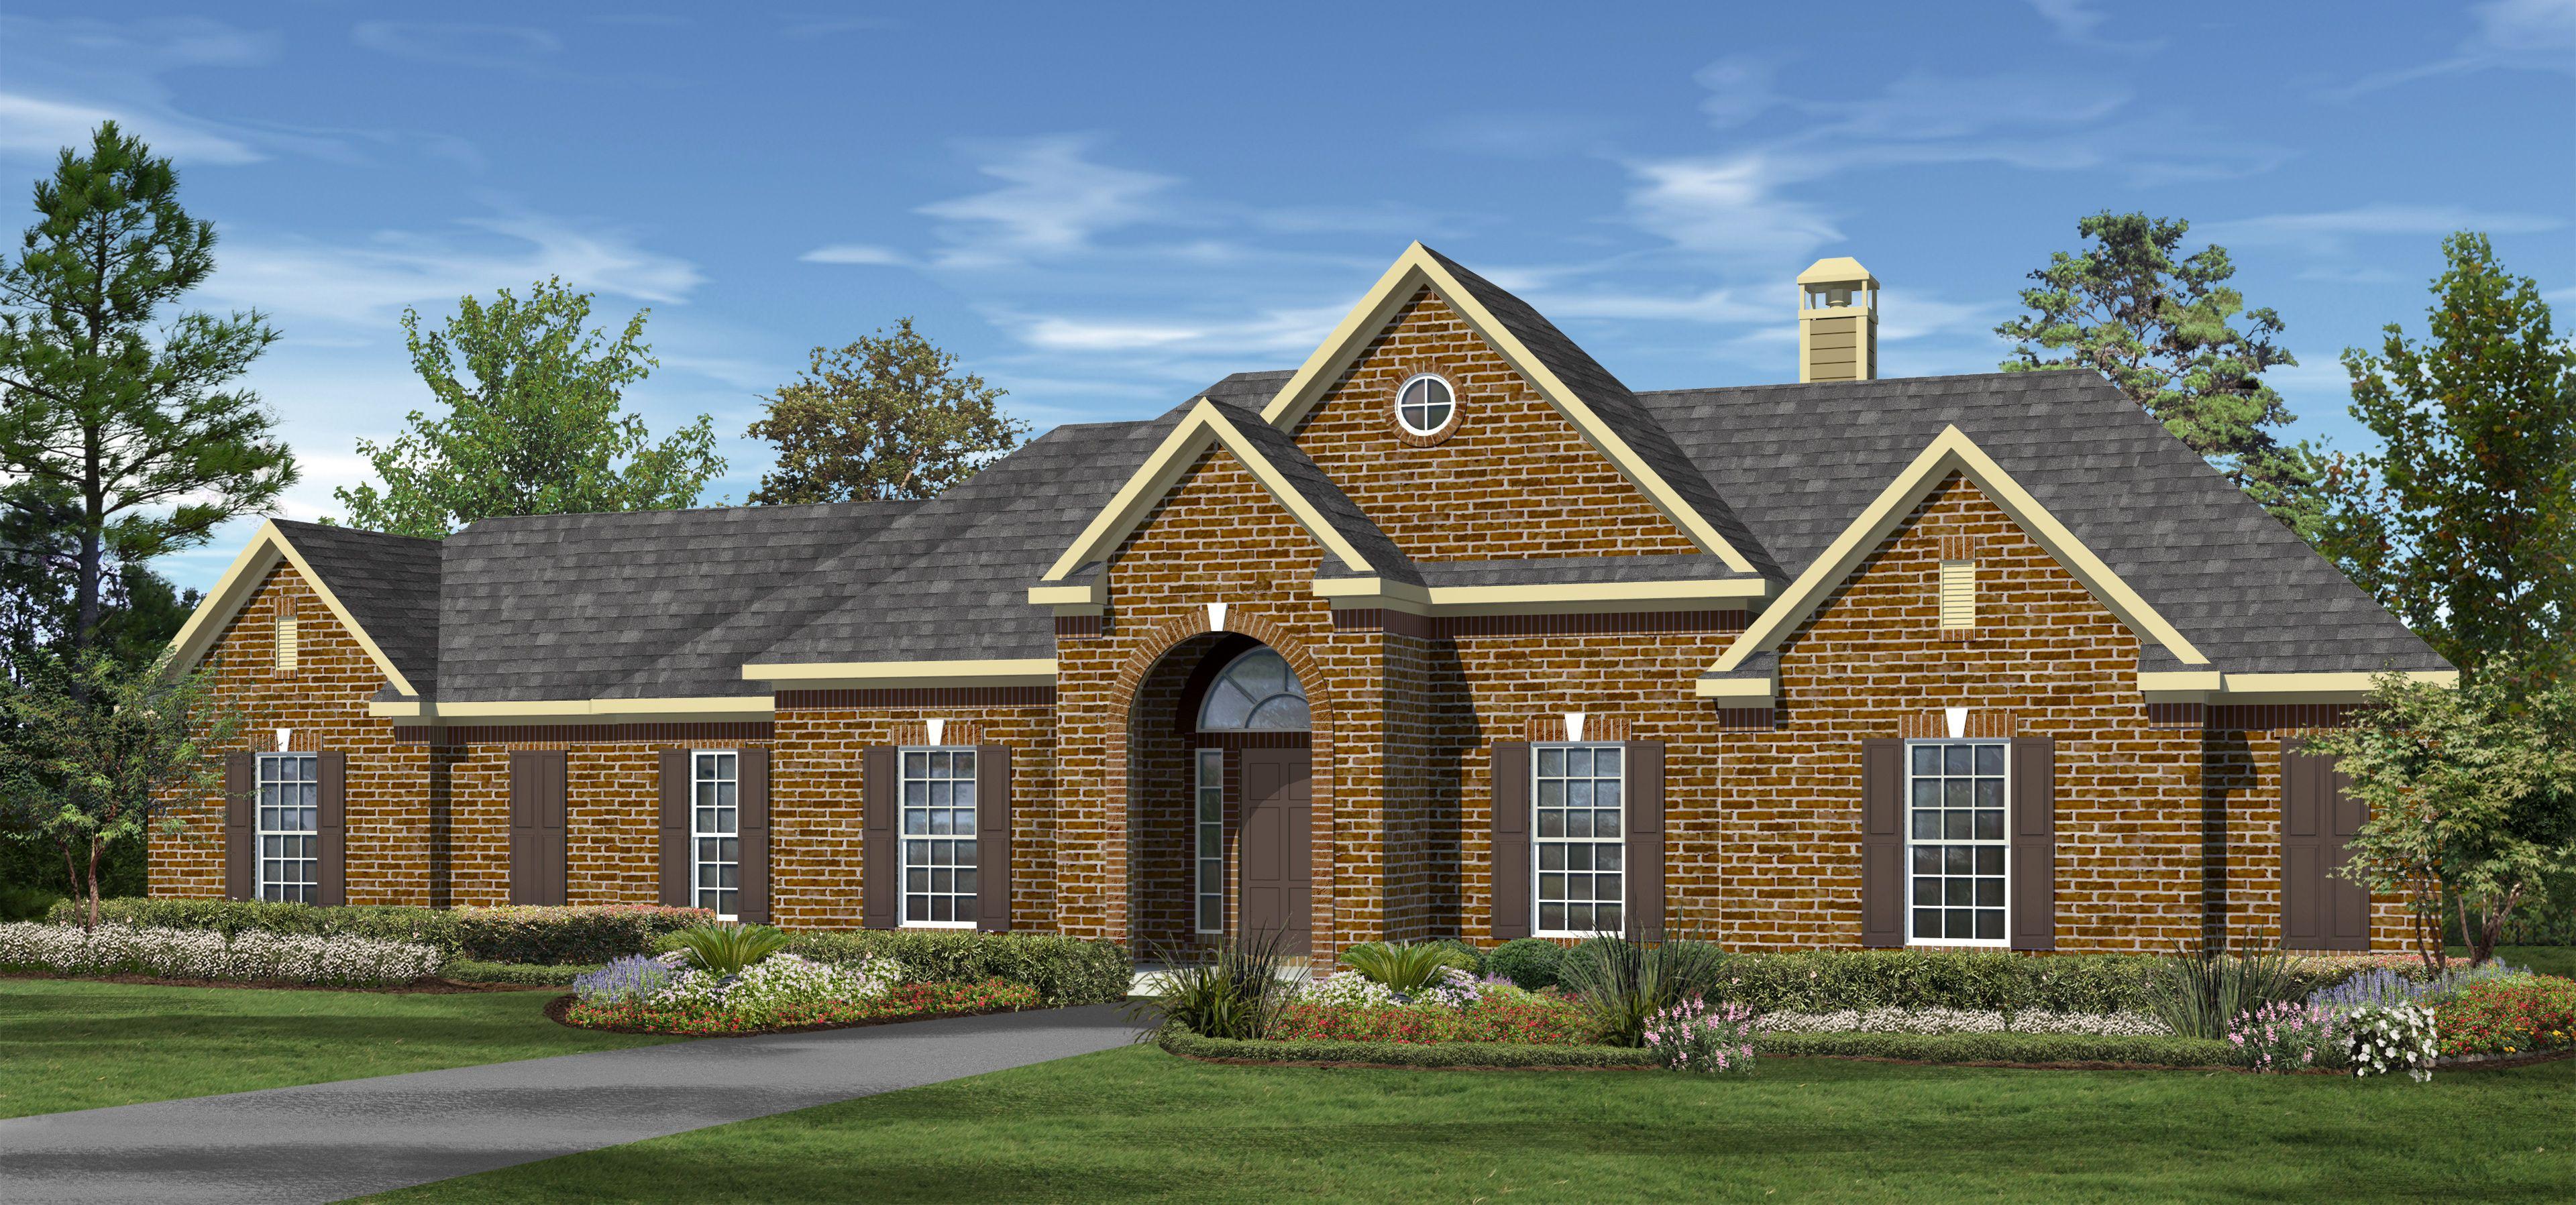 The oakmont 2000 plus sq ft custom home plans design for The oakmont